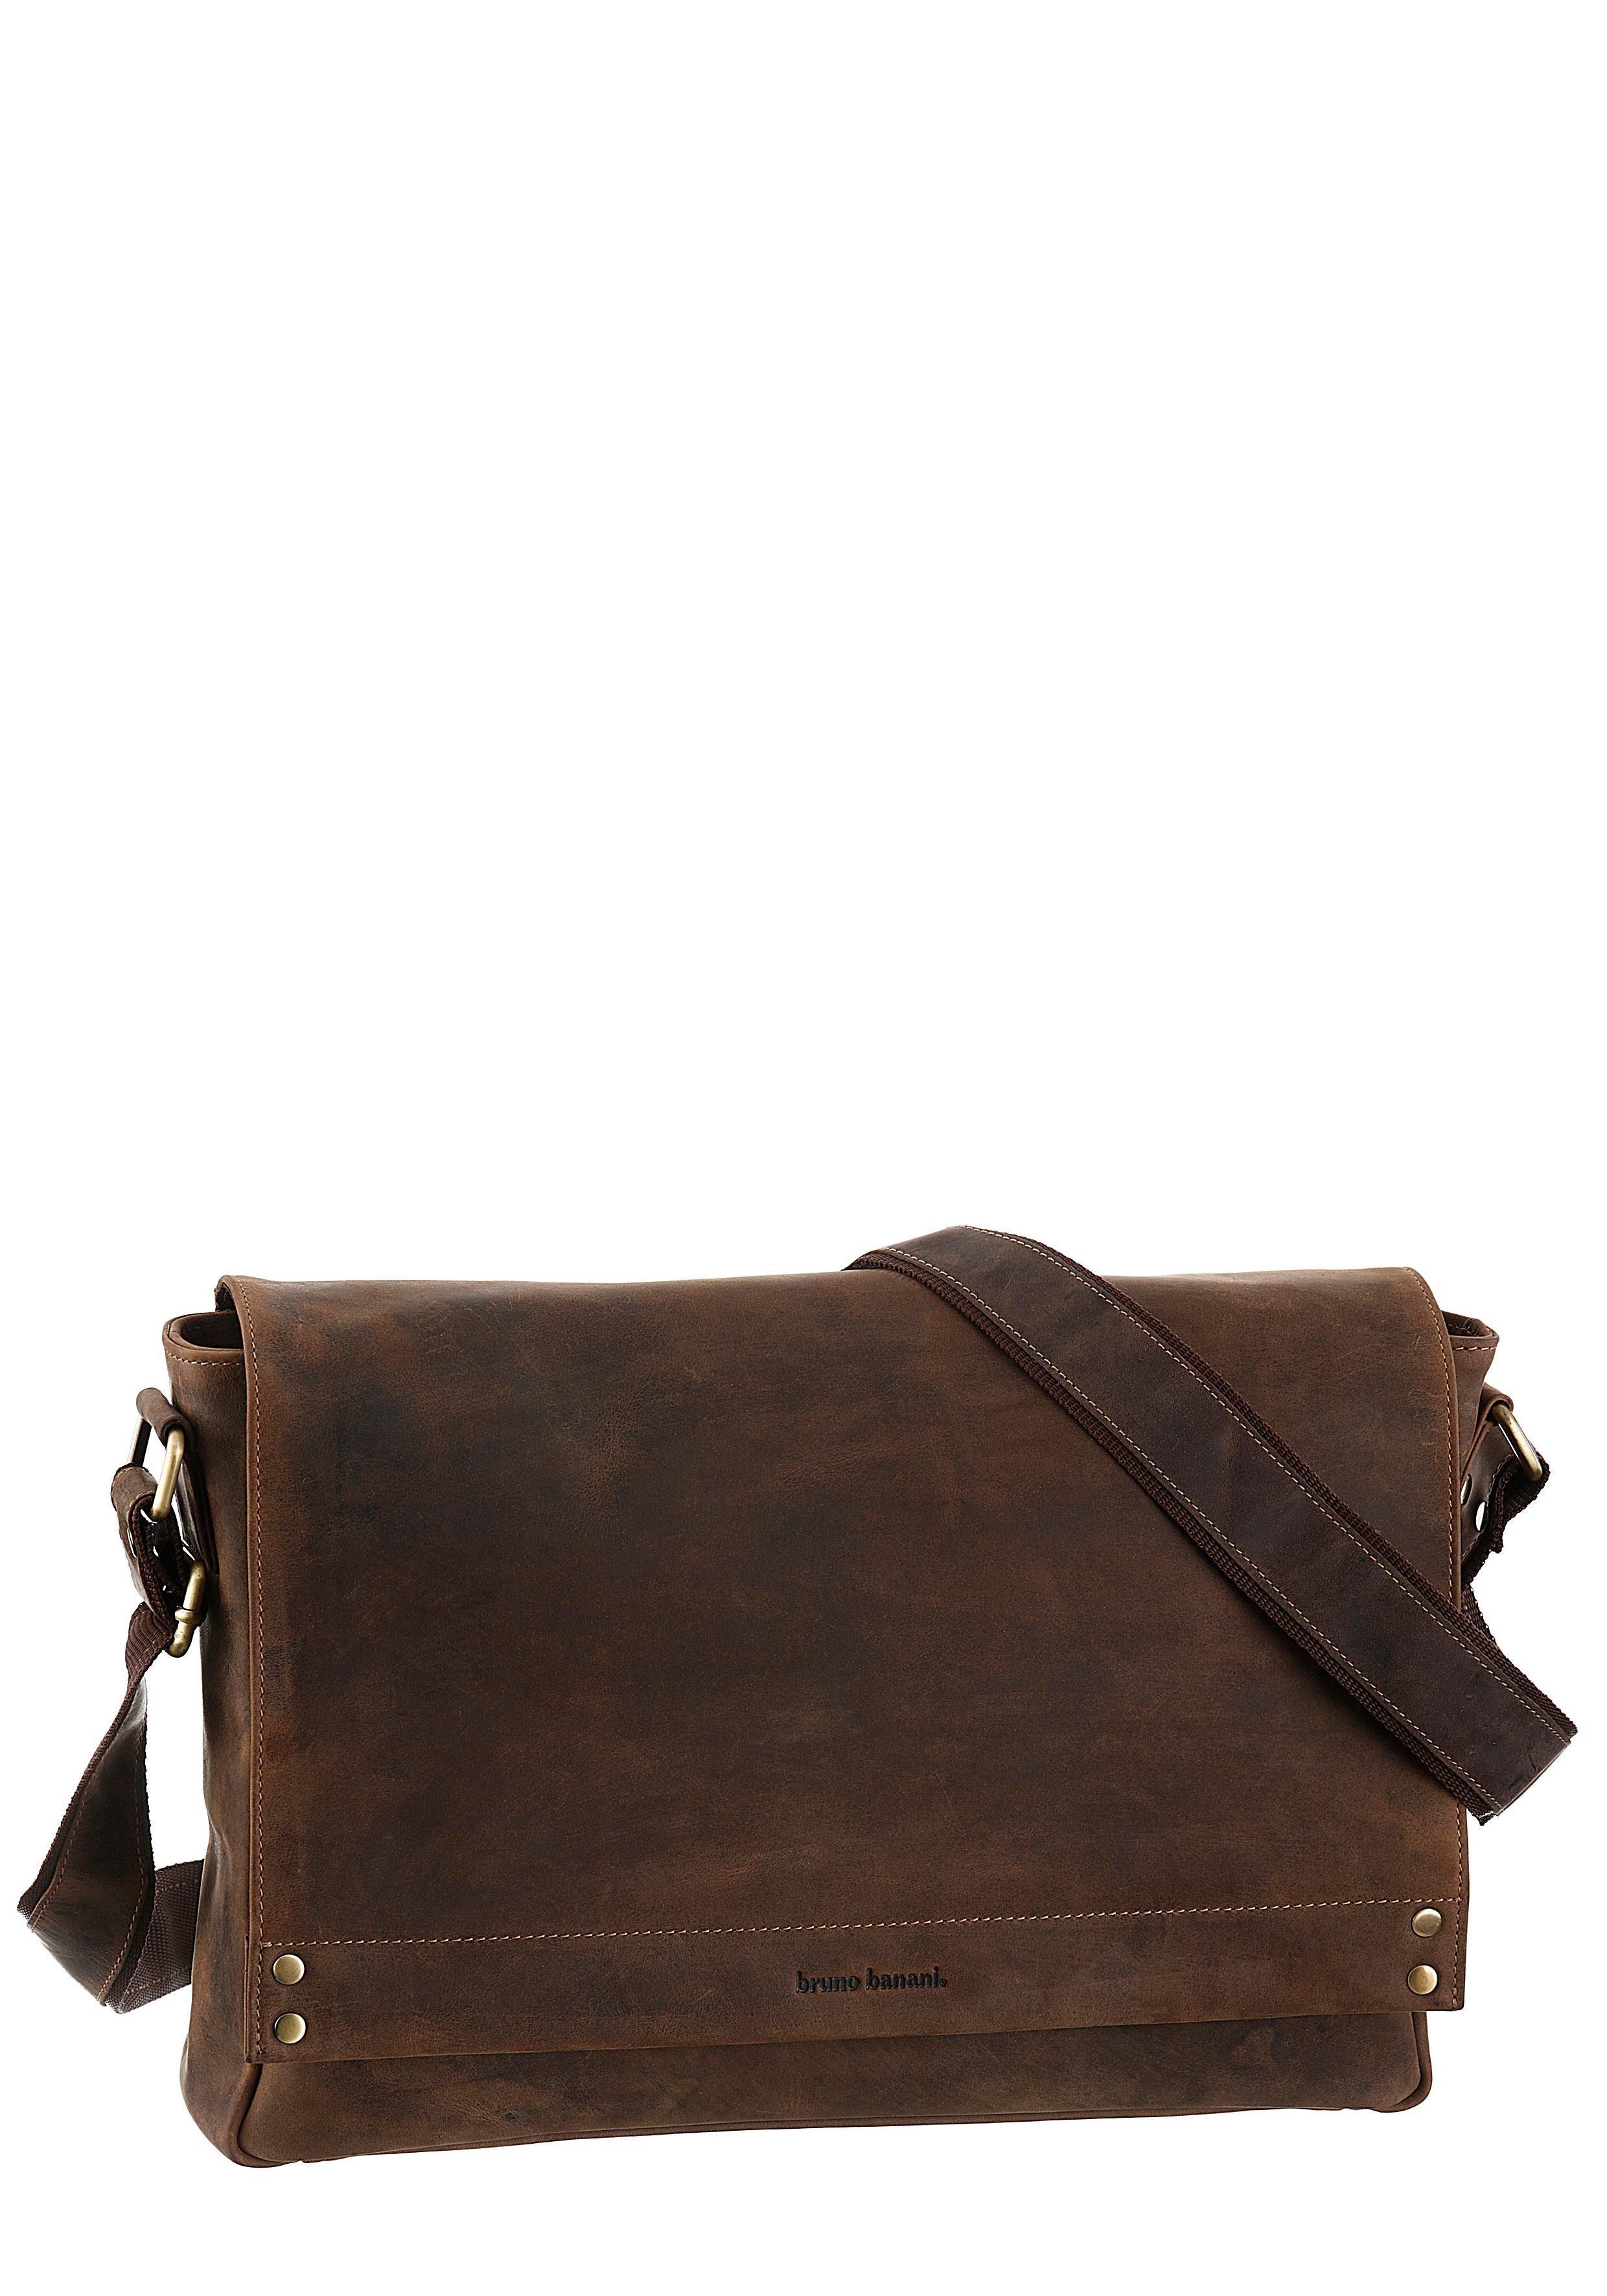 Bruno Banani Messenger Bag, in gepflegter Used Optik mit gepolstertem Laptoptfach